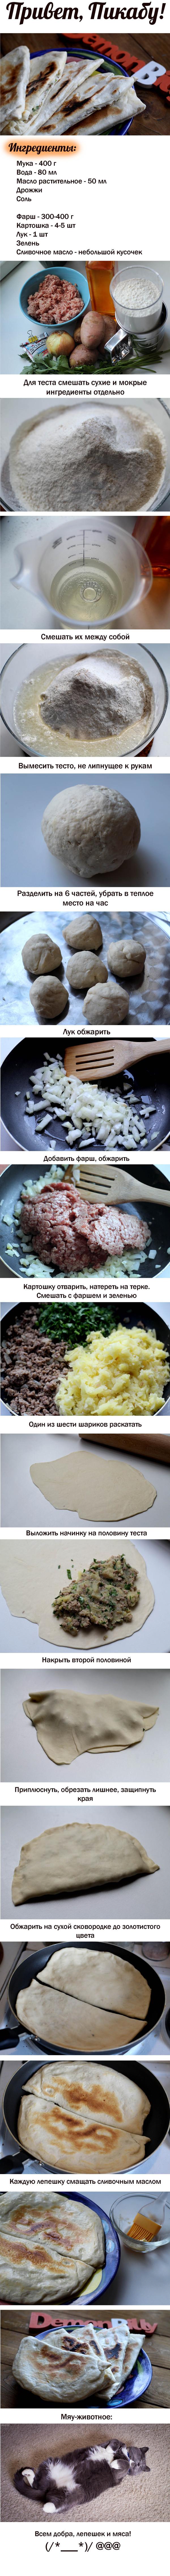 Лепешки с картофелем и мясом еда, кулинария, рецепт, длиннопост, Лепешки